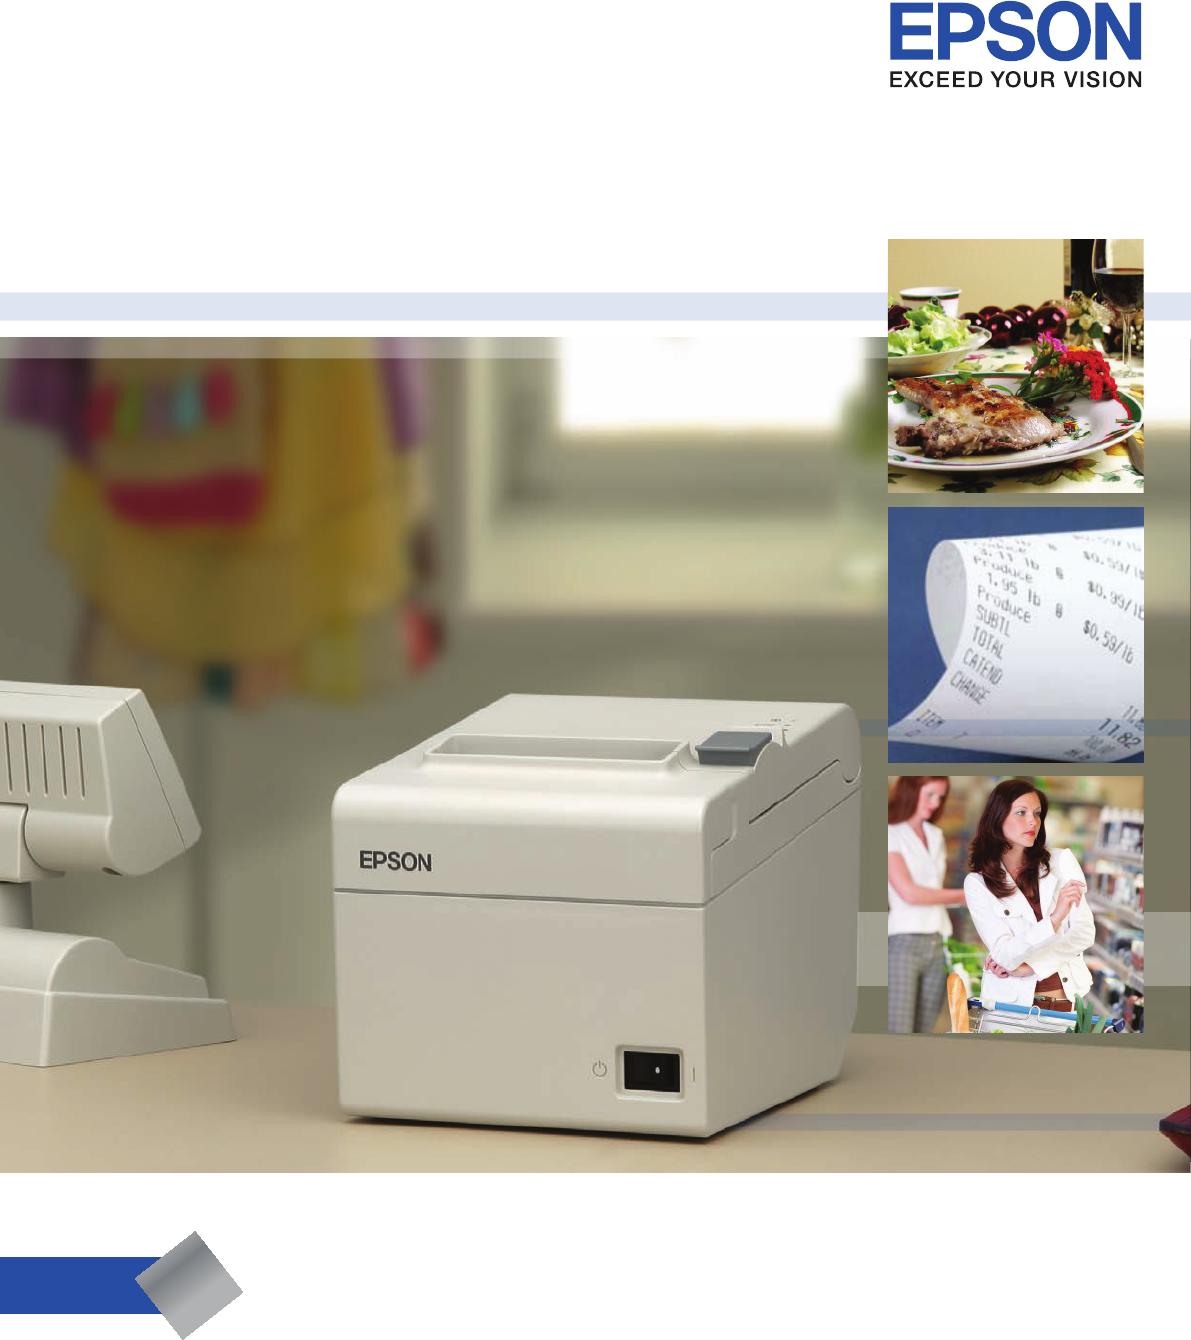 Epson Printer TM-T20 User Guide